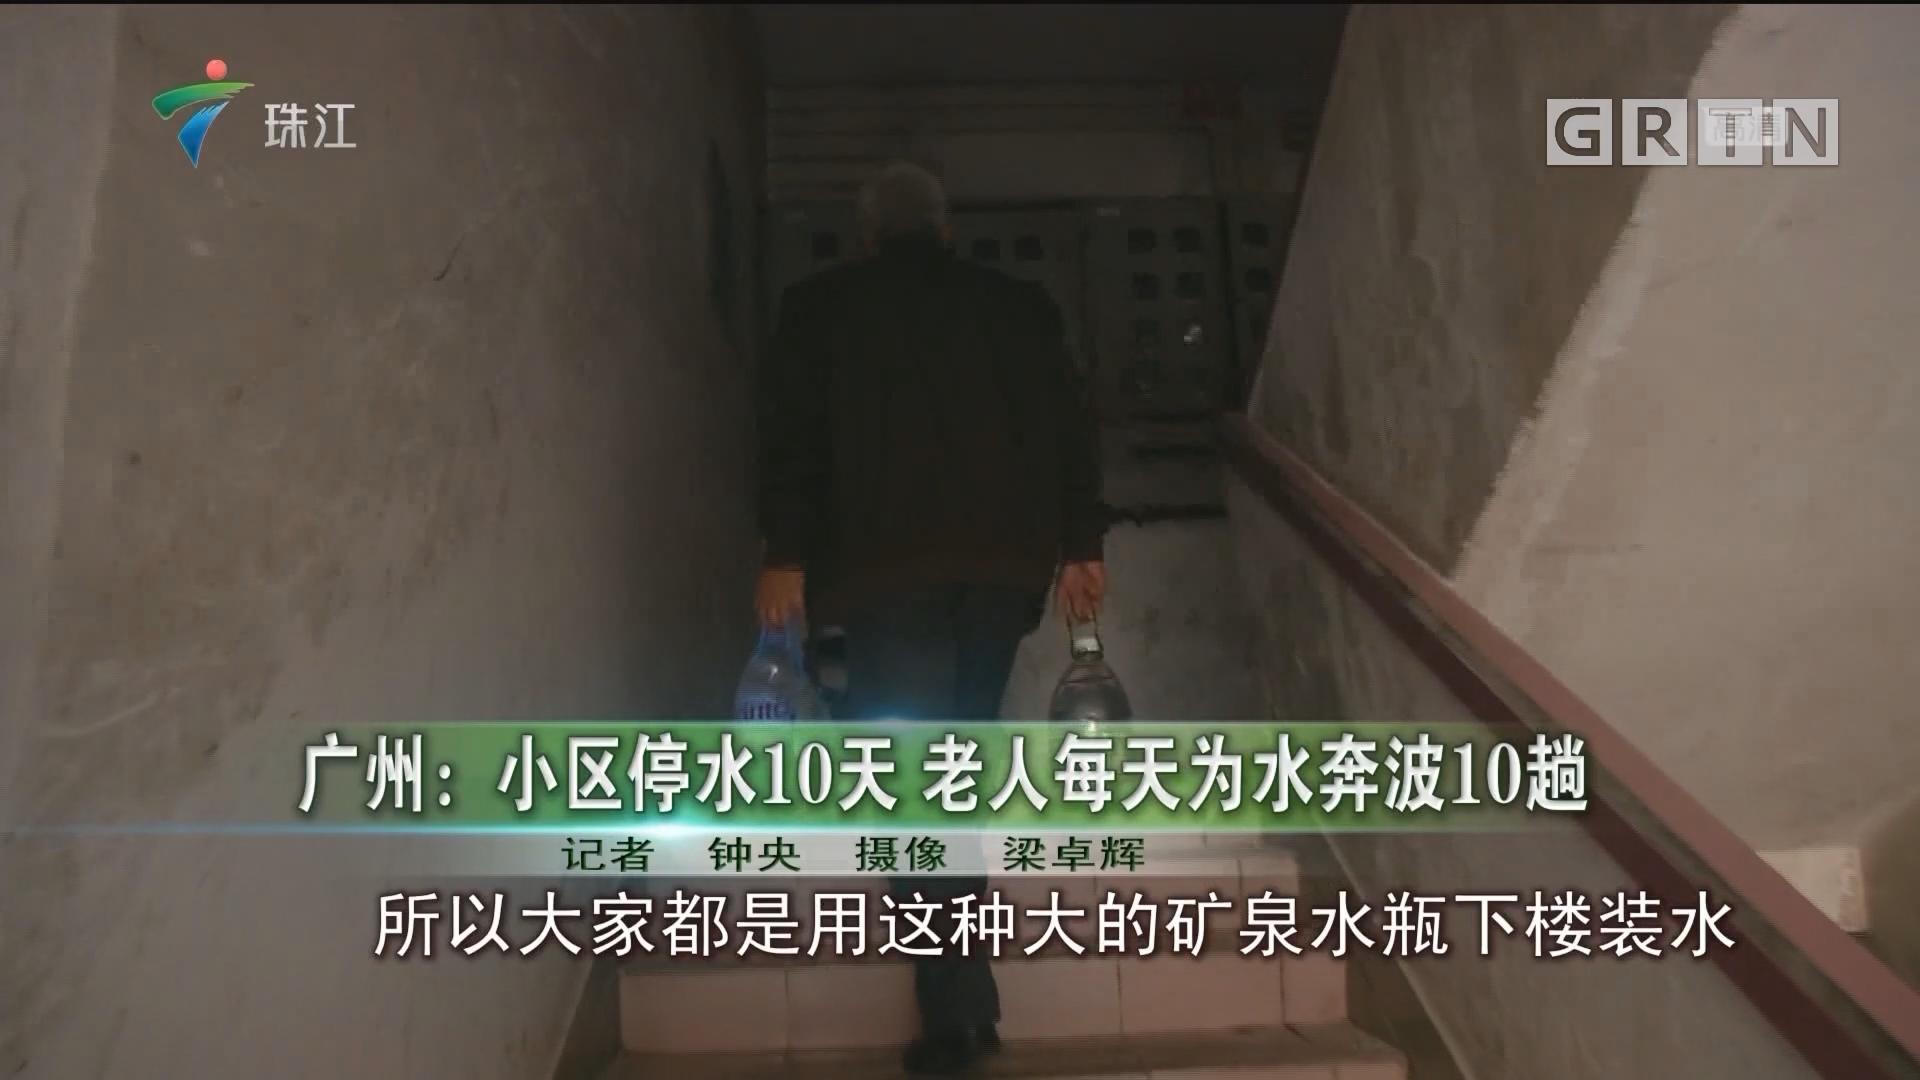 广州:小区停水10天 老人每天为水奔波10趟